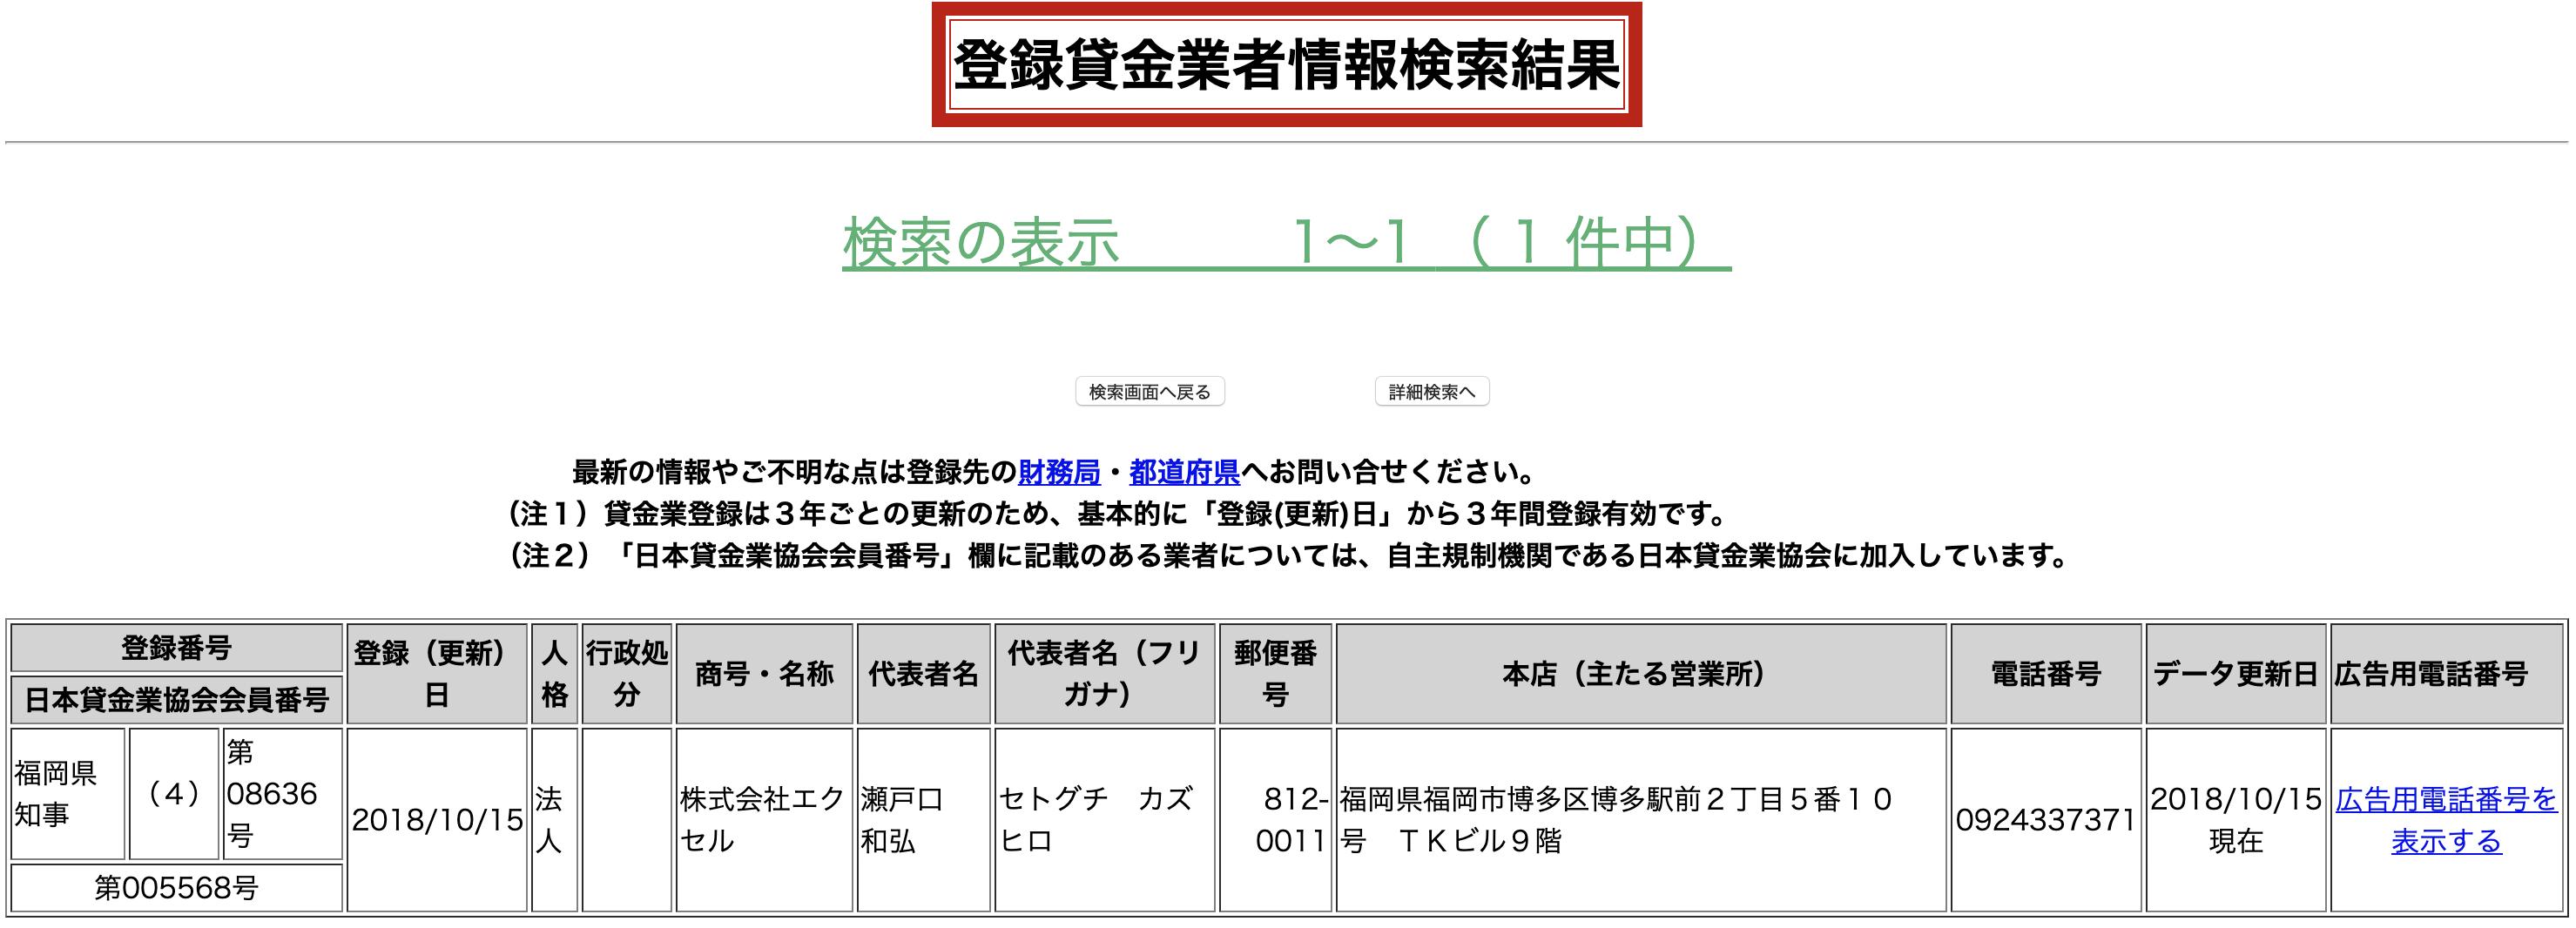 業 日本 協会 貸金